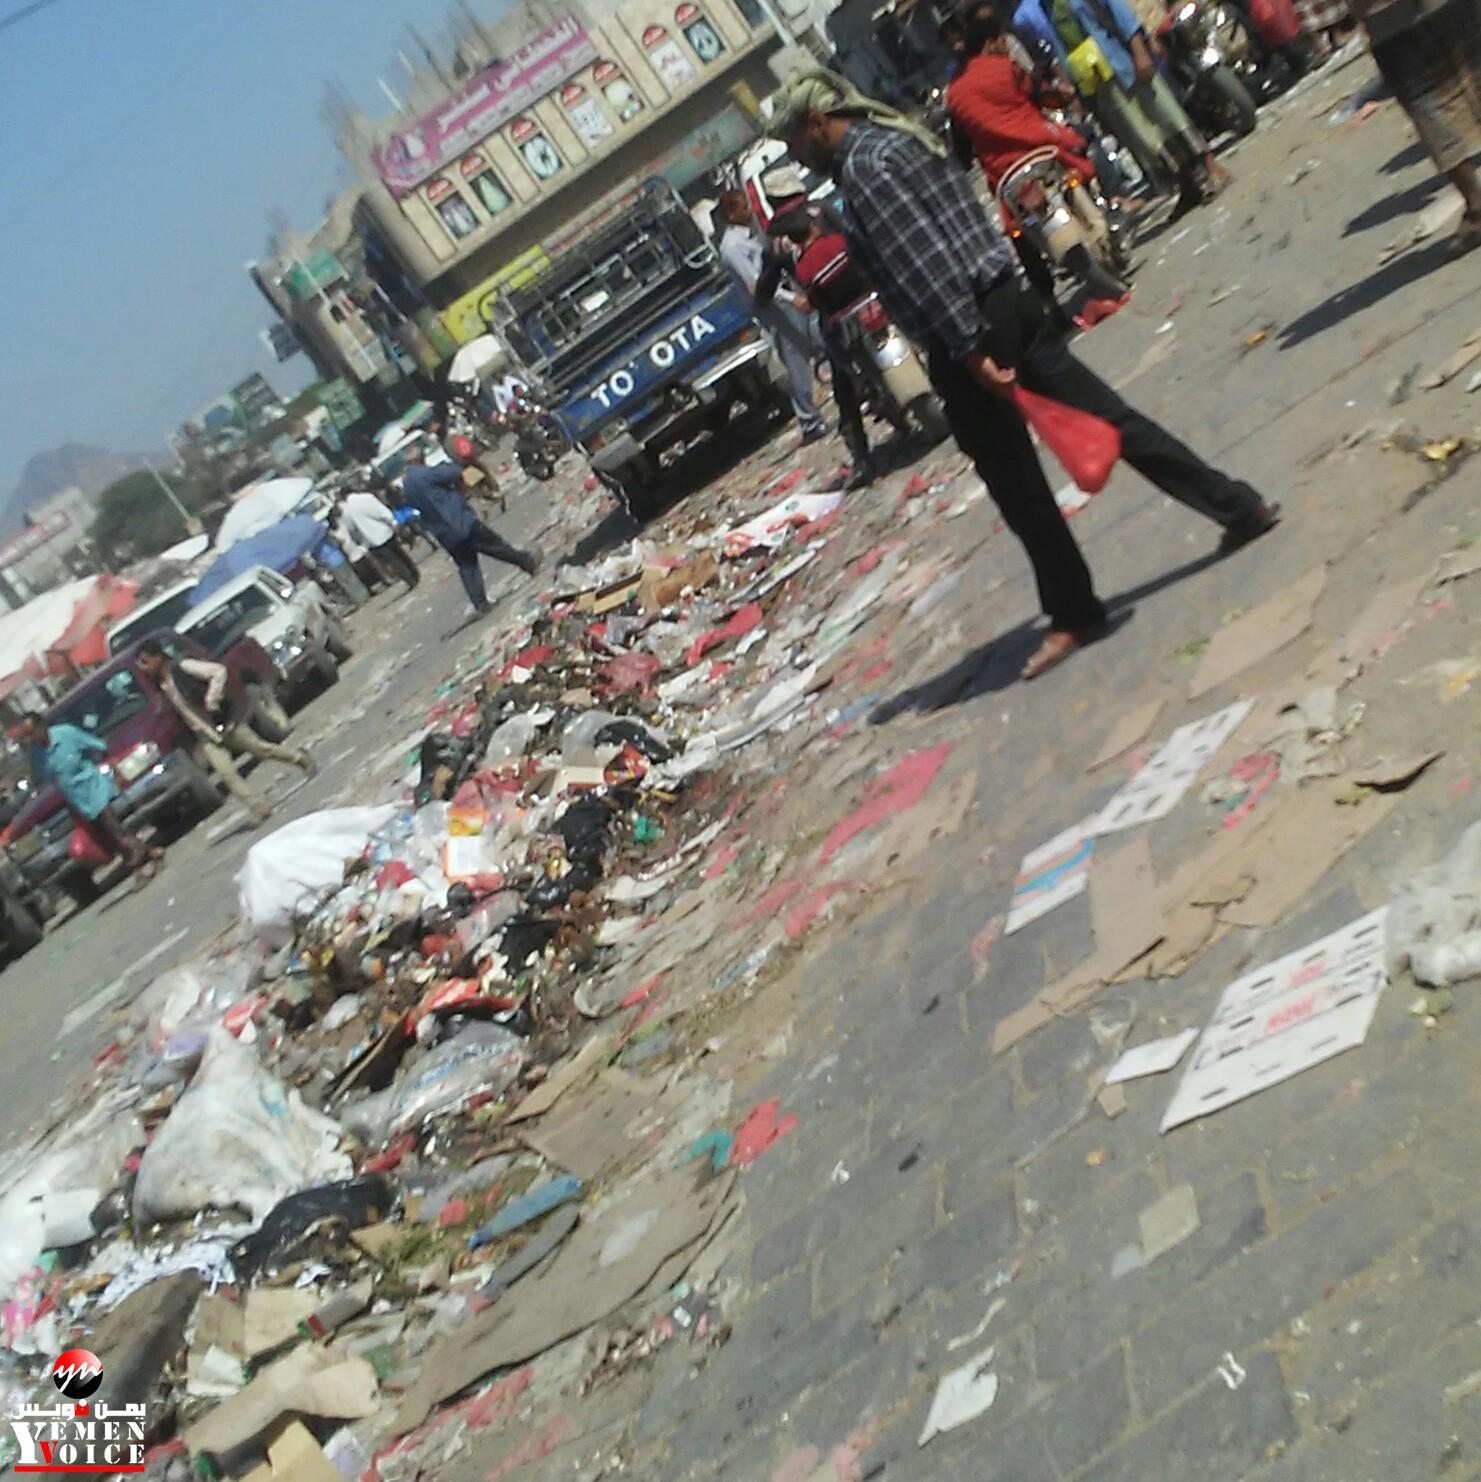 شاهد صورة للشارع الرئيسي بمدينة الضالع كيف أصبح مكدساً بالقمامة ؟